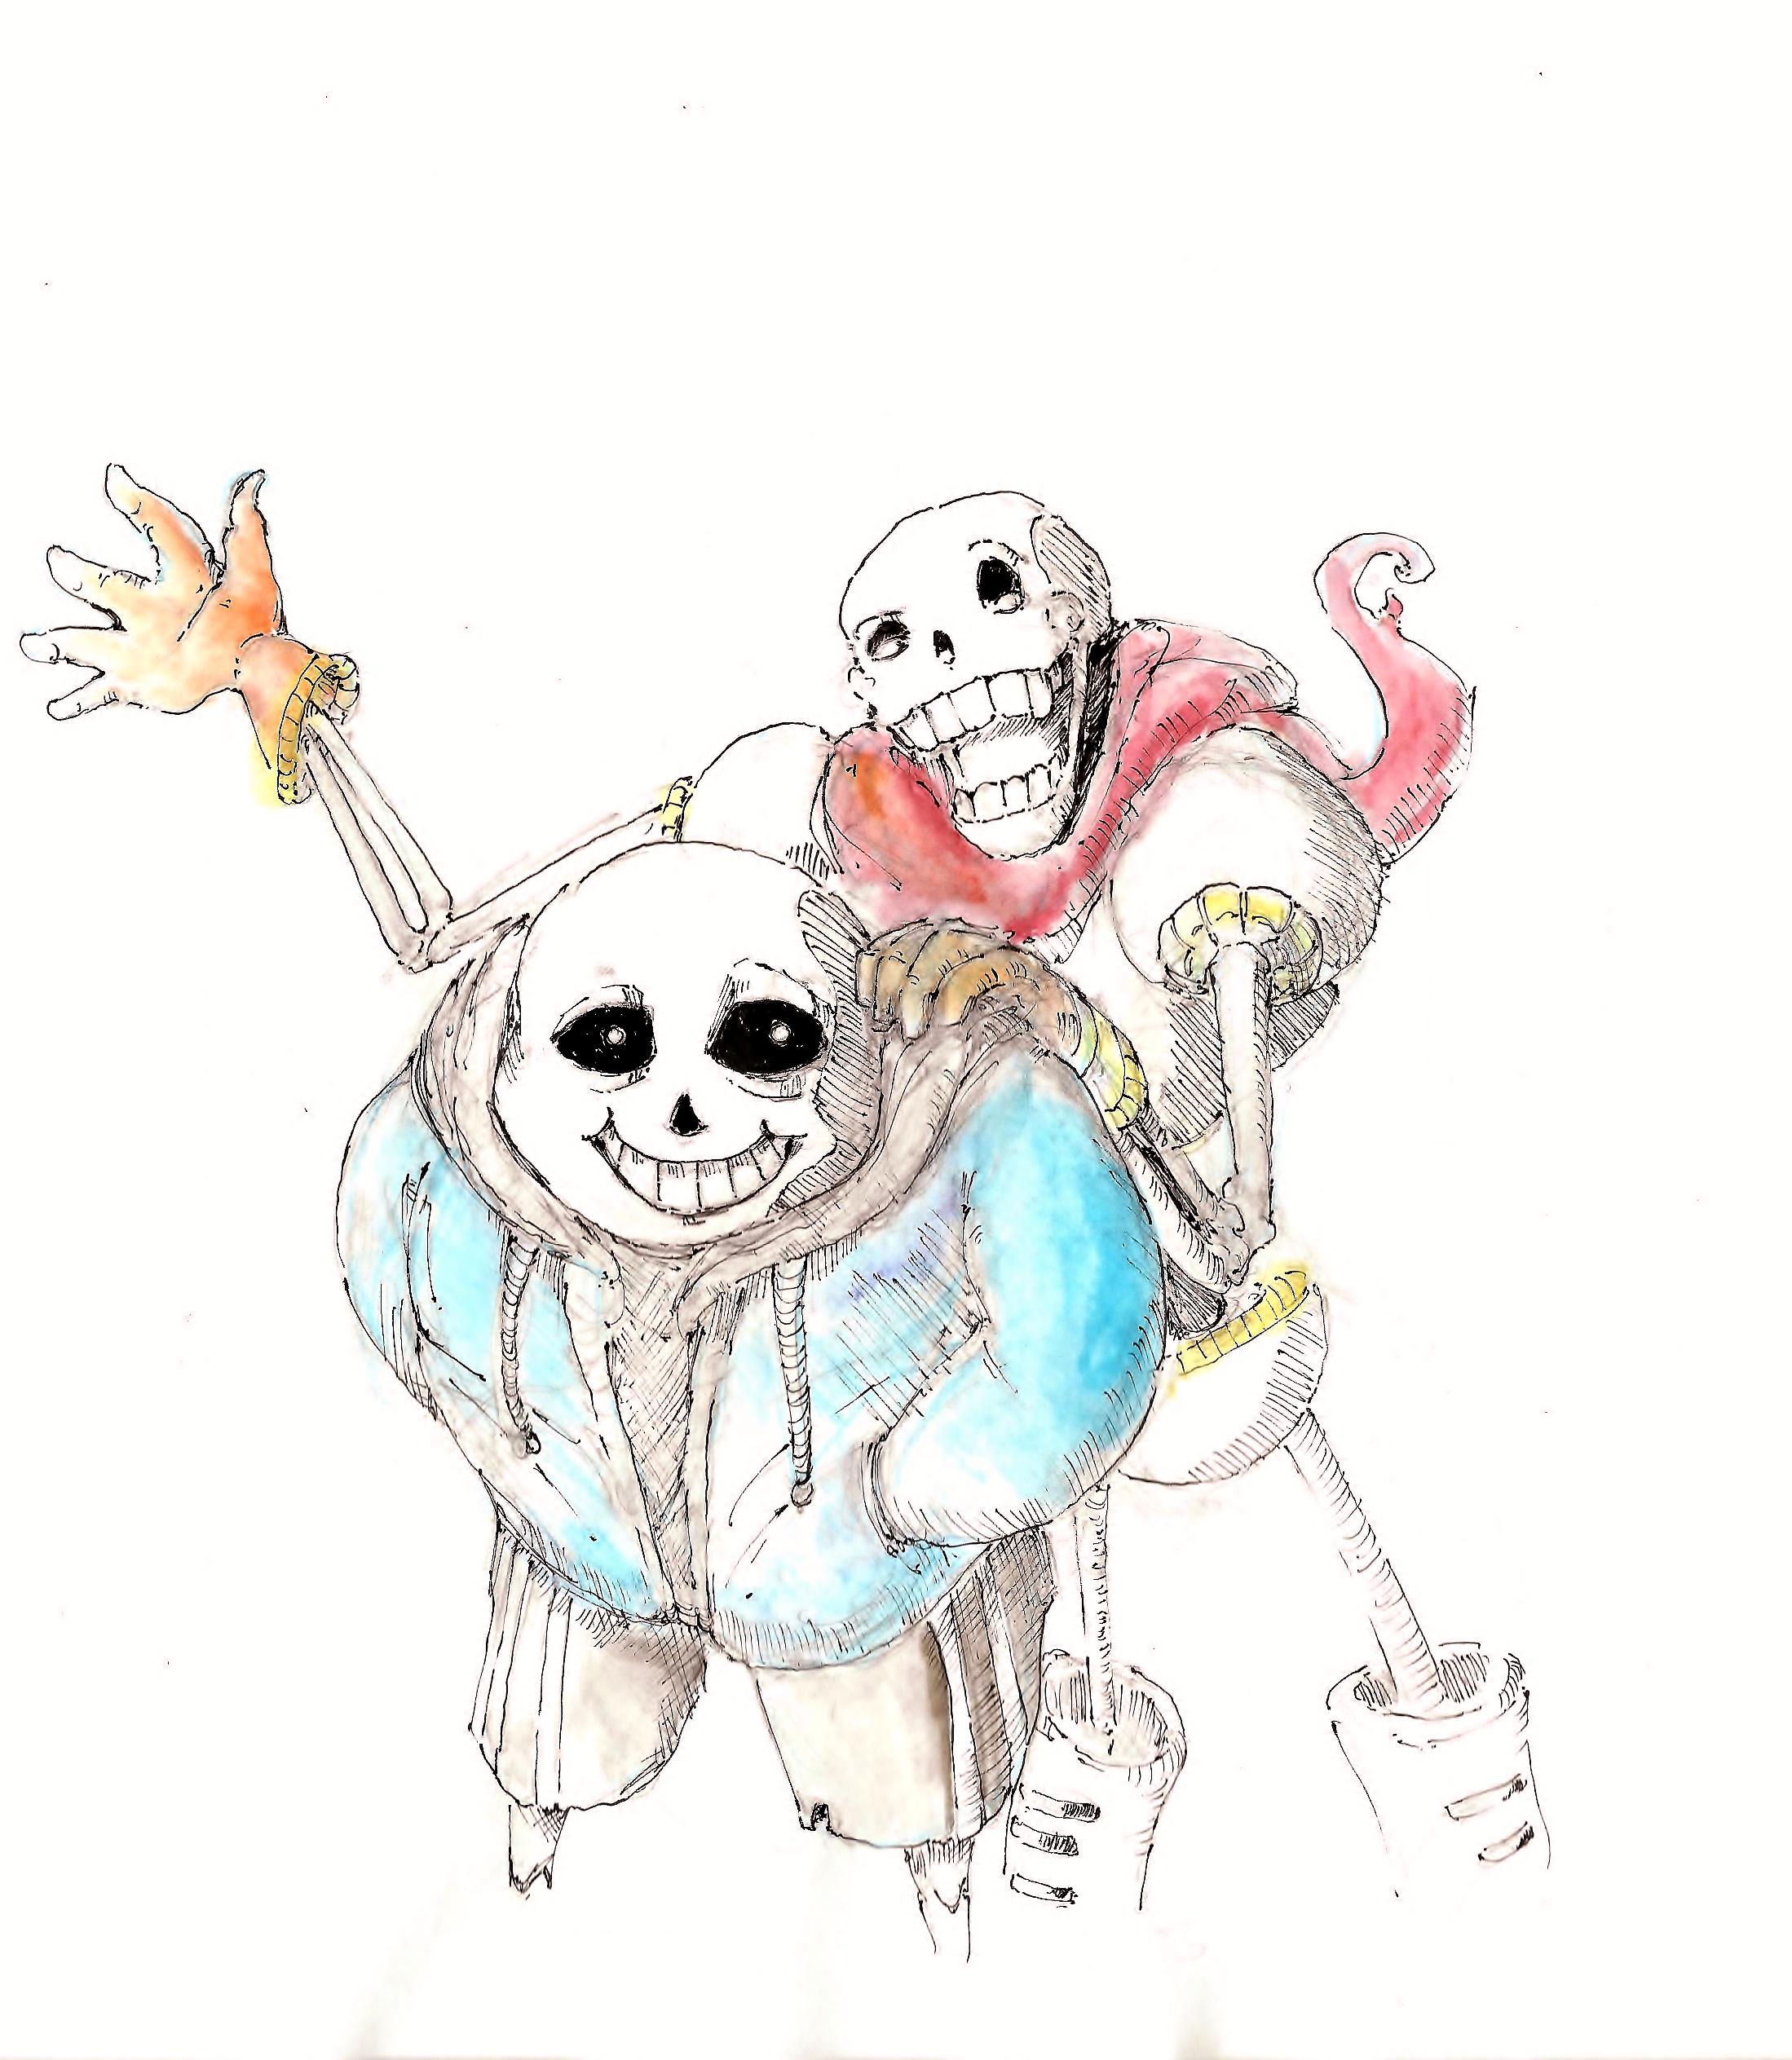 [Undertale Fan Art] Brotherly Shot